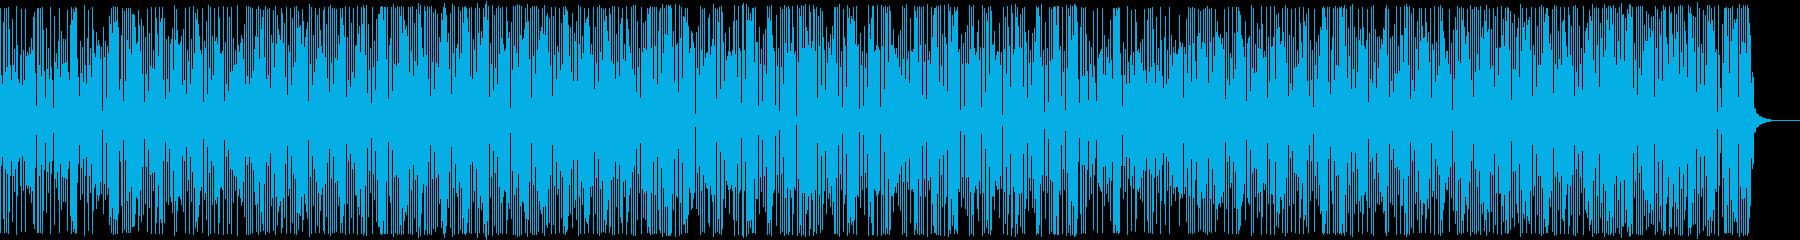 三味線・お江戸・和風テクノ・かけ声ありの再生済みの波形